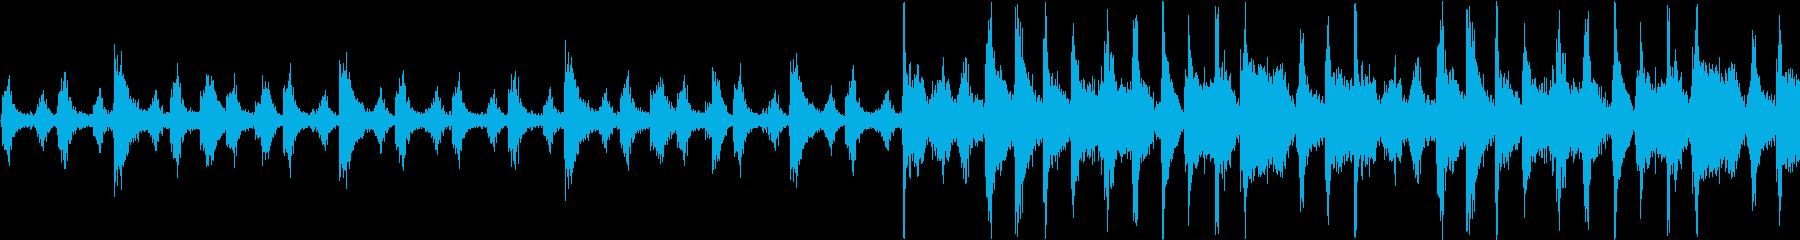 使い勝手のいいファンキーなドラムループの再生済みの波形